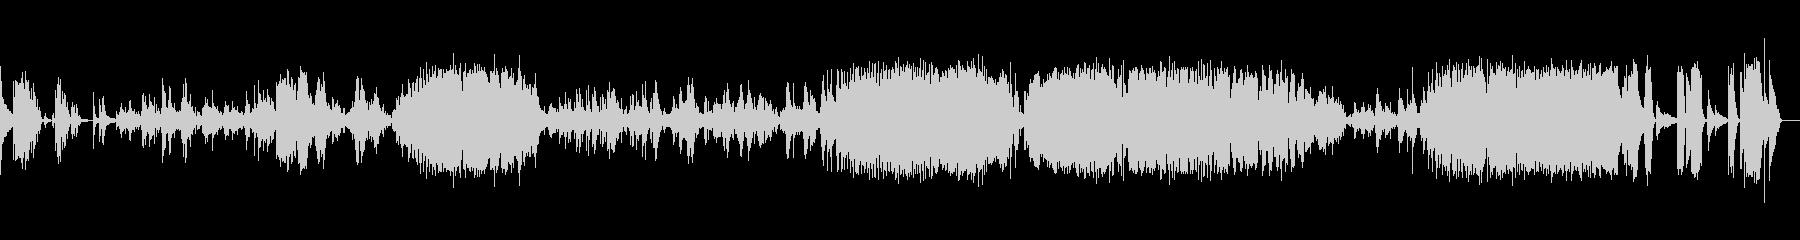 ショパン:バラード一番(ピアノソロ)の未再生の波形